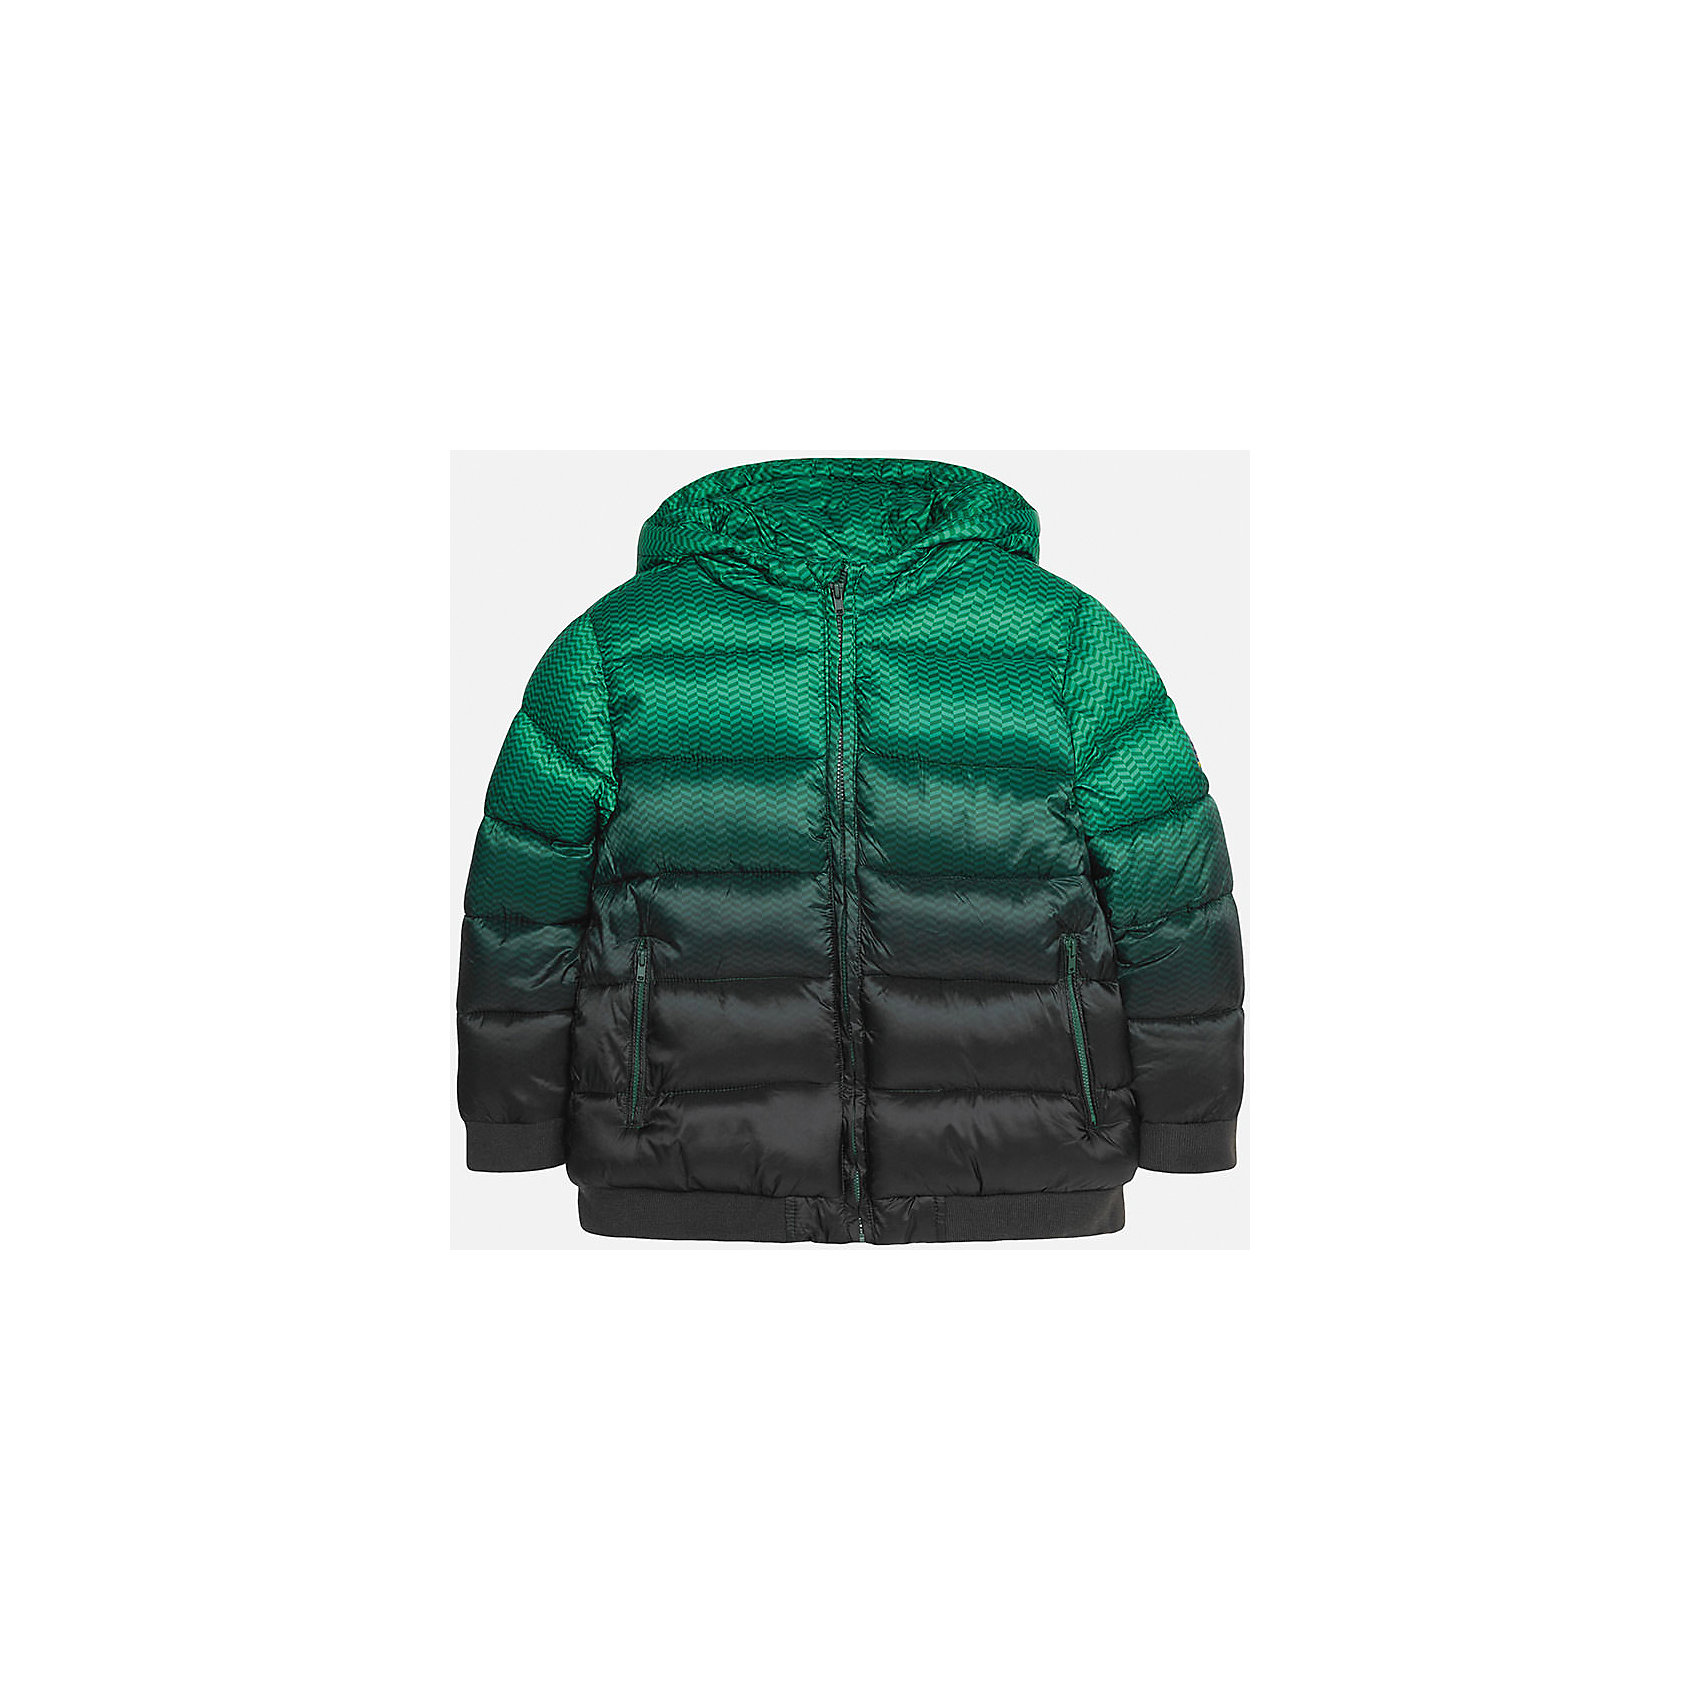 Куртка для мальчика MayoralКуртка для мальчика от популярного испанского бренда Mayoral(Майорал). Куртка водонепроницаемая, застегивается на молнию. Спереди есть 2 удобных кармана. Стильный дизайн с эффектом градиент понравится юному моднику!<br><br>Дополнительная информация:<br>Состав: 100% полиэстер<br>Цвет: зеленый/черный<br>Куртку Mayoral(Майорал) можно приобрести в нашем интернет-магазине.<br><br>Ширина мм: 356<br>Глубина мм: 10<br>Высота мм: 245<br>Вес г: 519<br>Цвет: разноцветный<br>Возраст от месяцев: 132<br>Возраст до месяцев: 144<br>Пол: Мужской<br>Возраст: Детский<br>Размер: 146/152,140/146,164/170,152/158,158/164,128/134<br>SKU: 4827113